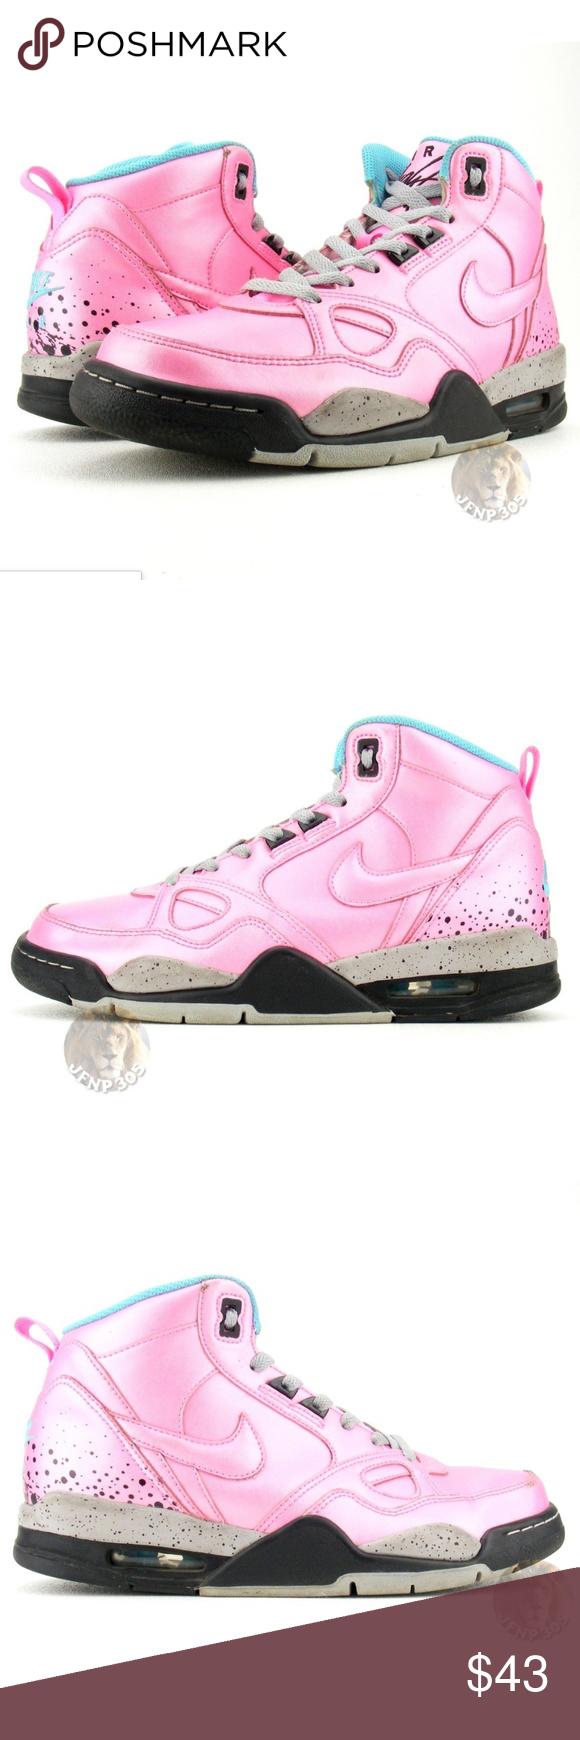 34c91135 Nike Air Flight '13 Sneakers 616298-600 Pink, 8.5 Nike Sneakers 616298-